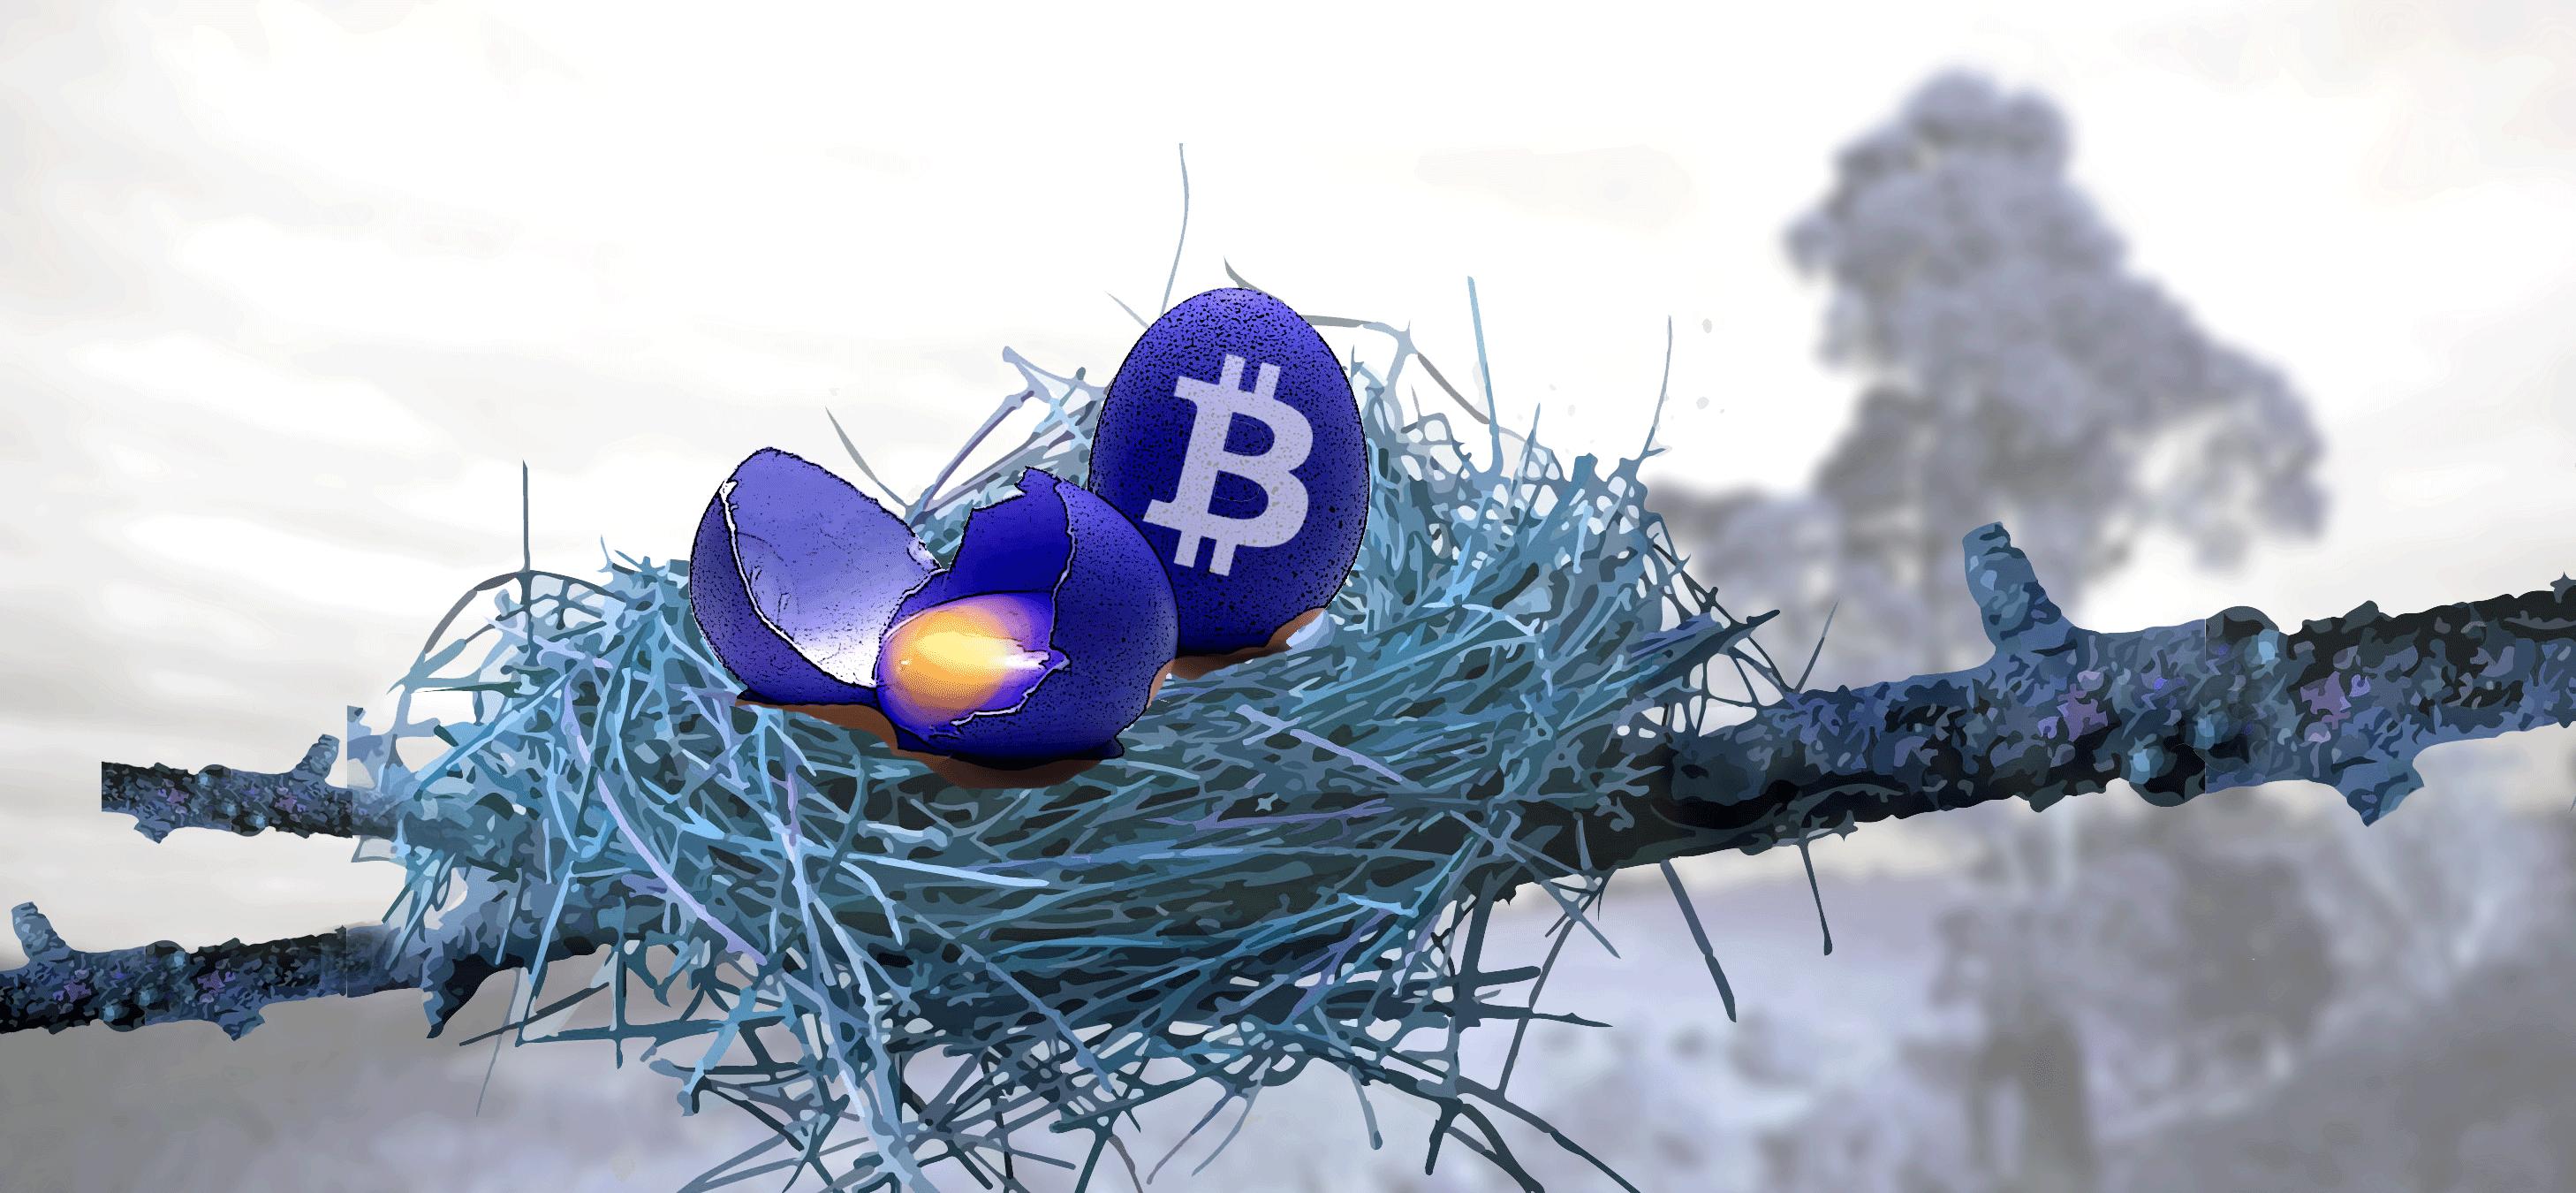 Google, Facebook e Twitter vietano la pubblicità di bitcoin